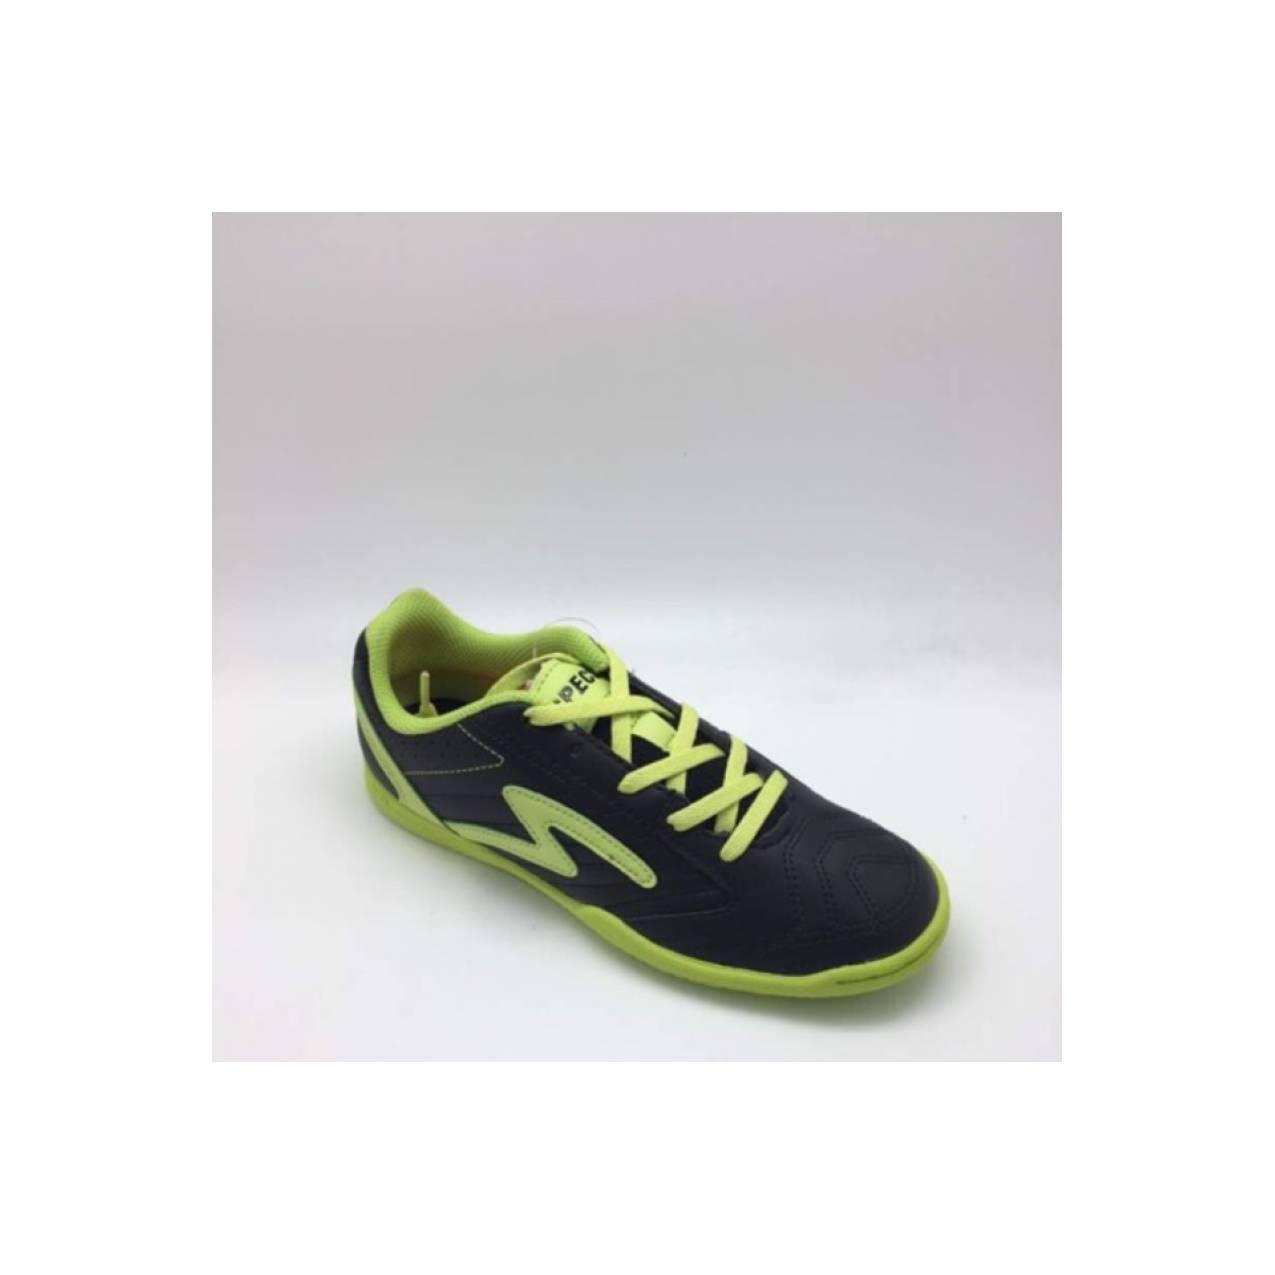 Daftar Harga Sneakers Sepatu Puma Trianomic Casuals Navy Blue Import Anak Futsal Specs Brave In Junior Black Yellow Origina 100 Original